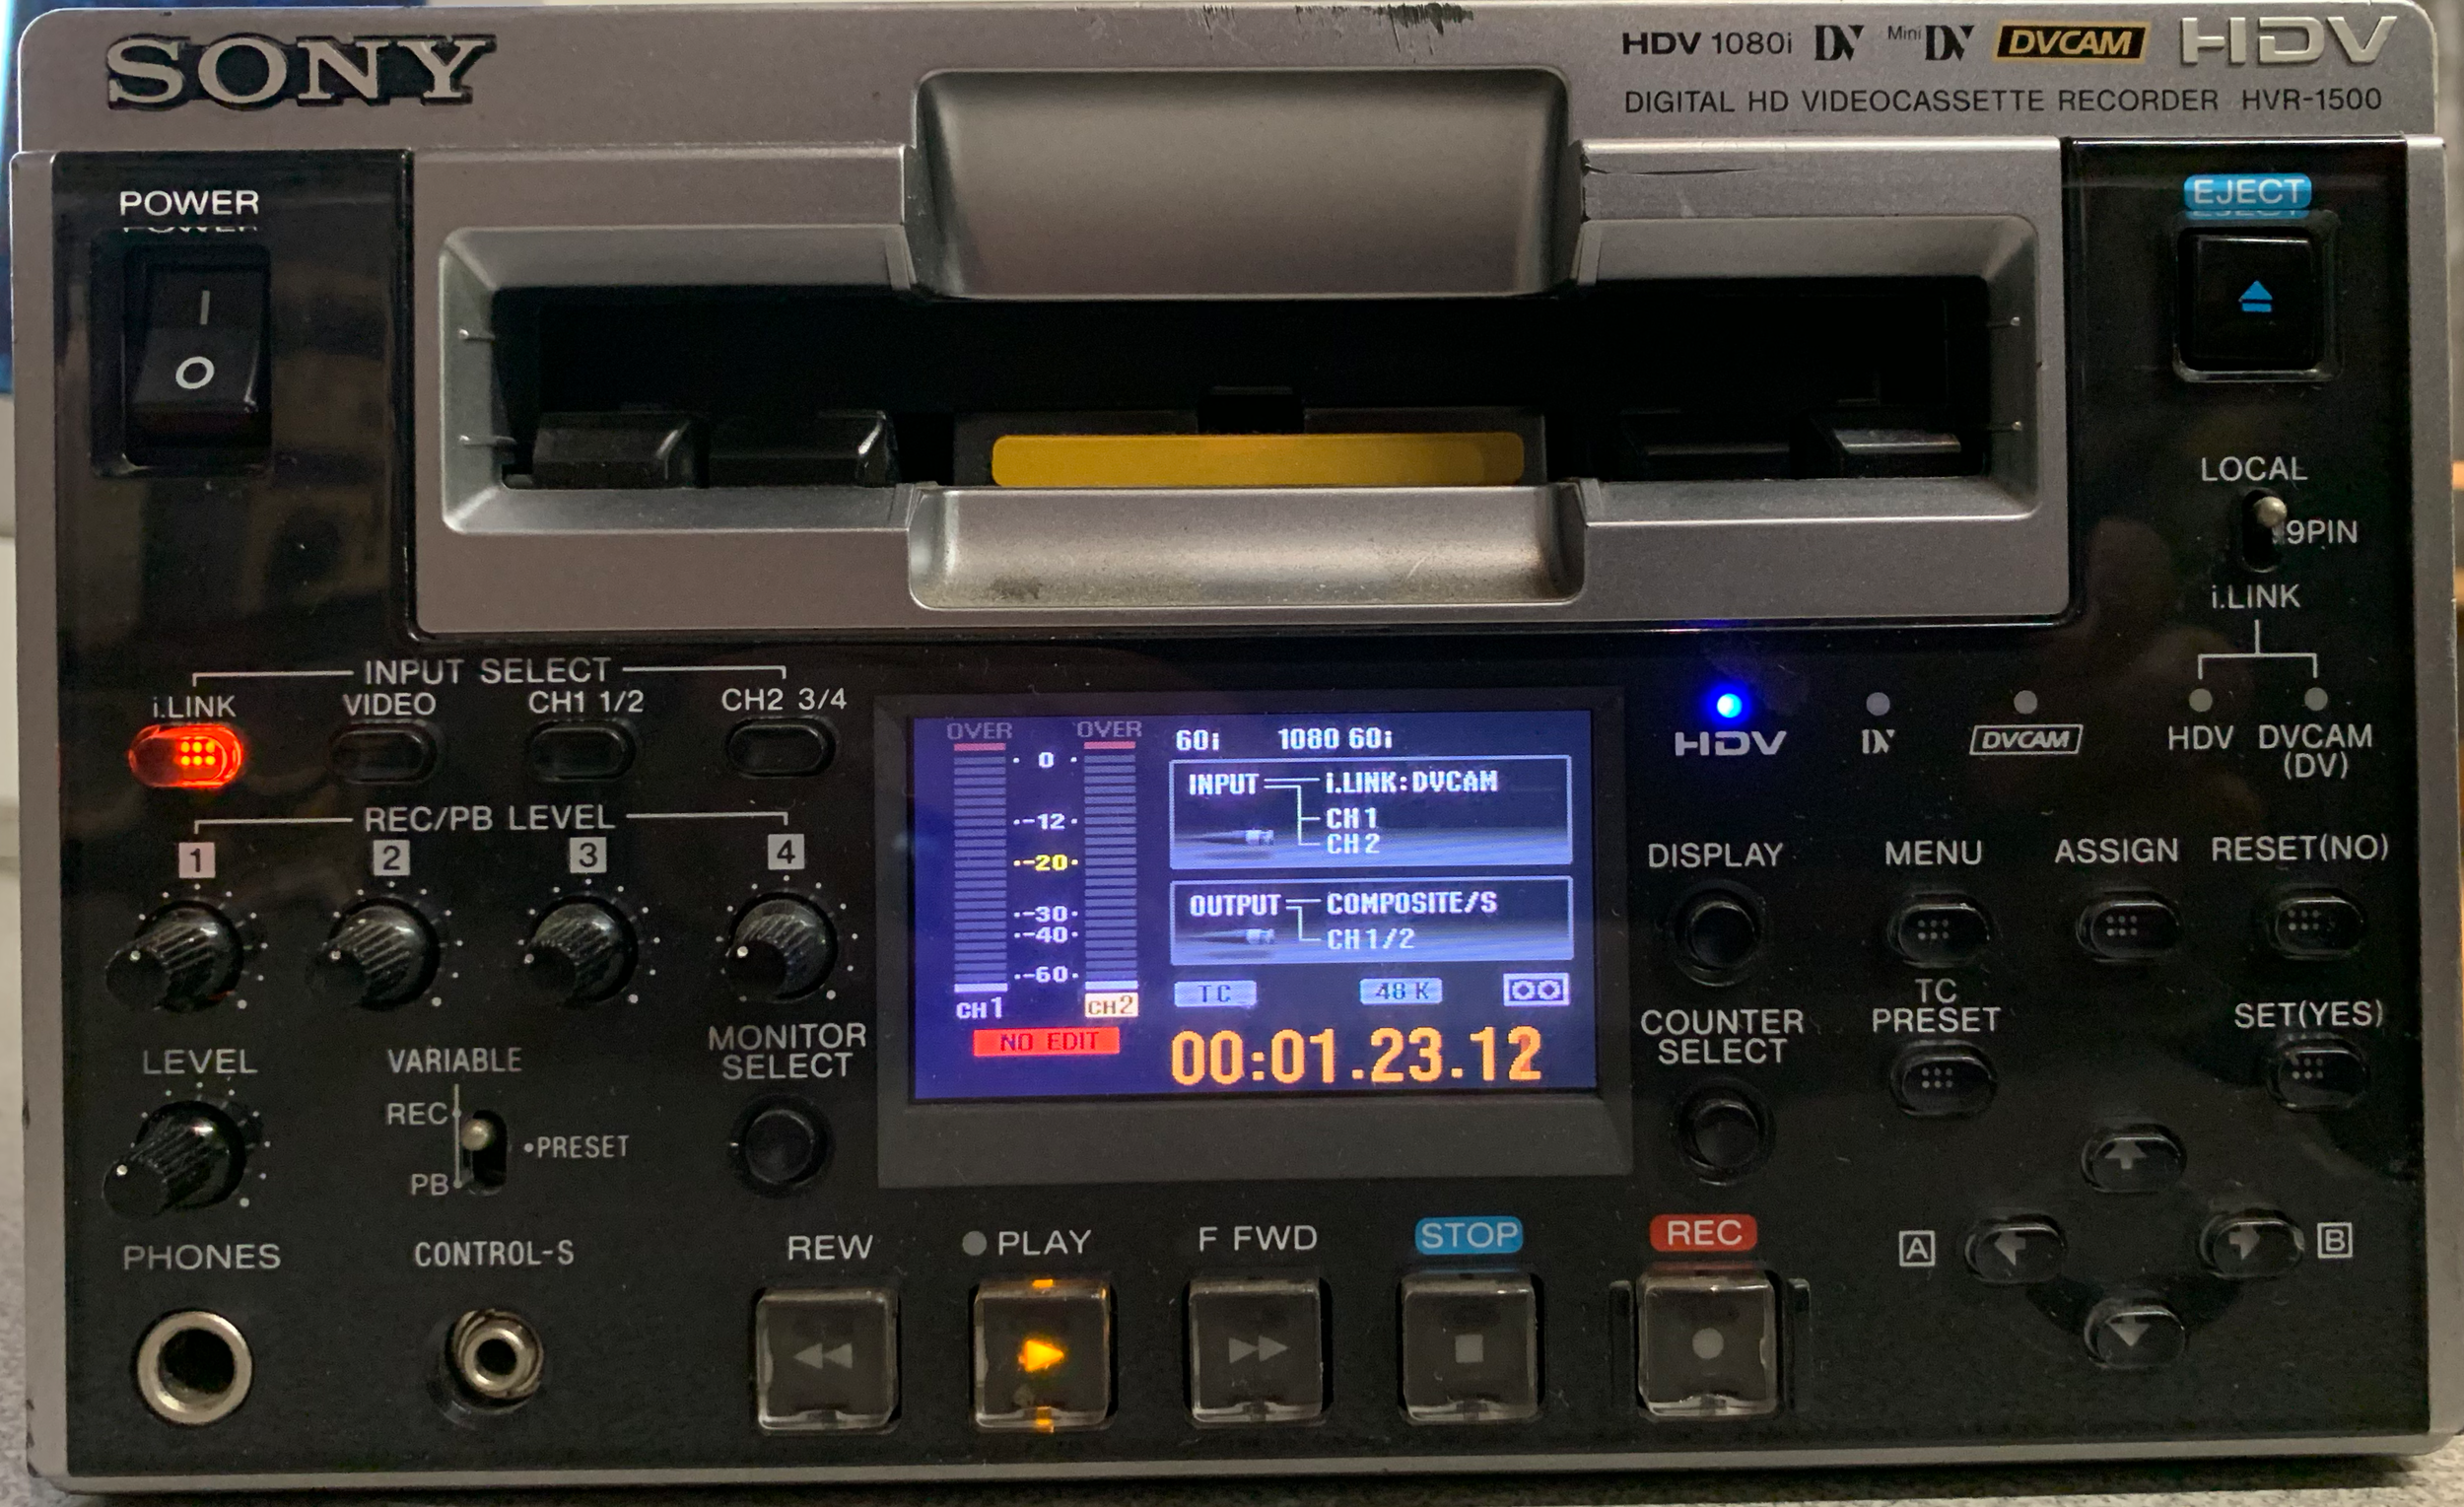 Sony HVR-1500 HDV